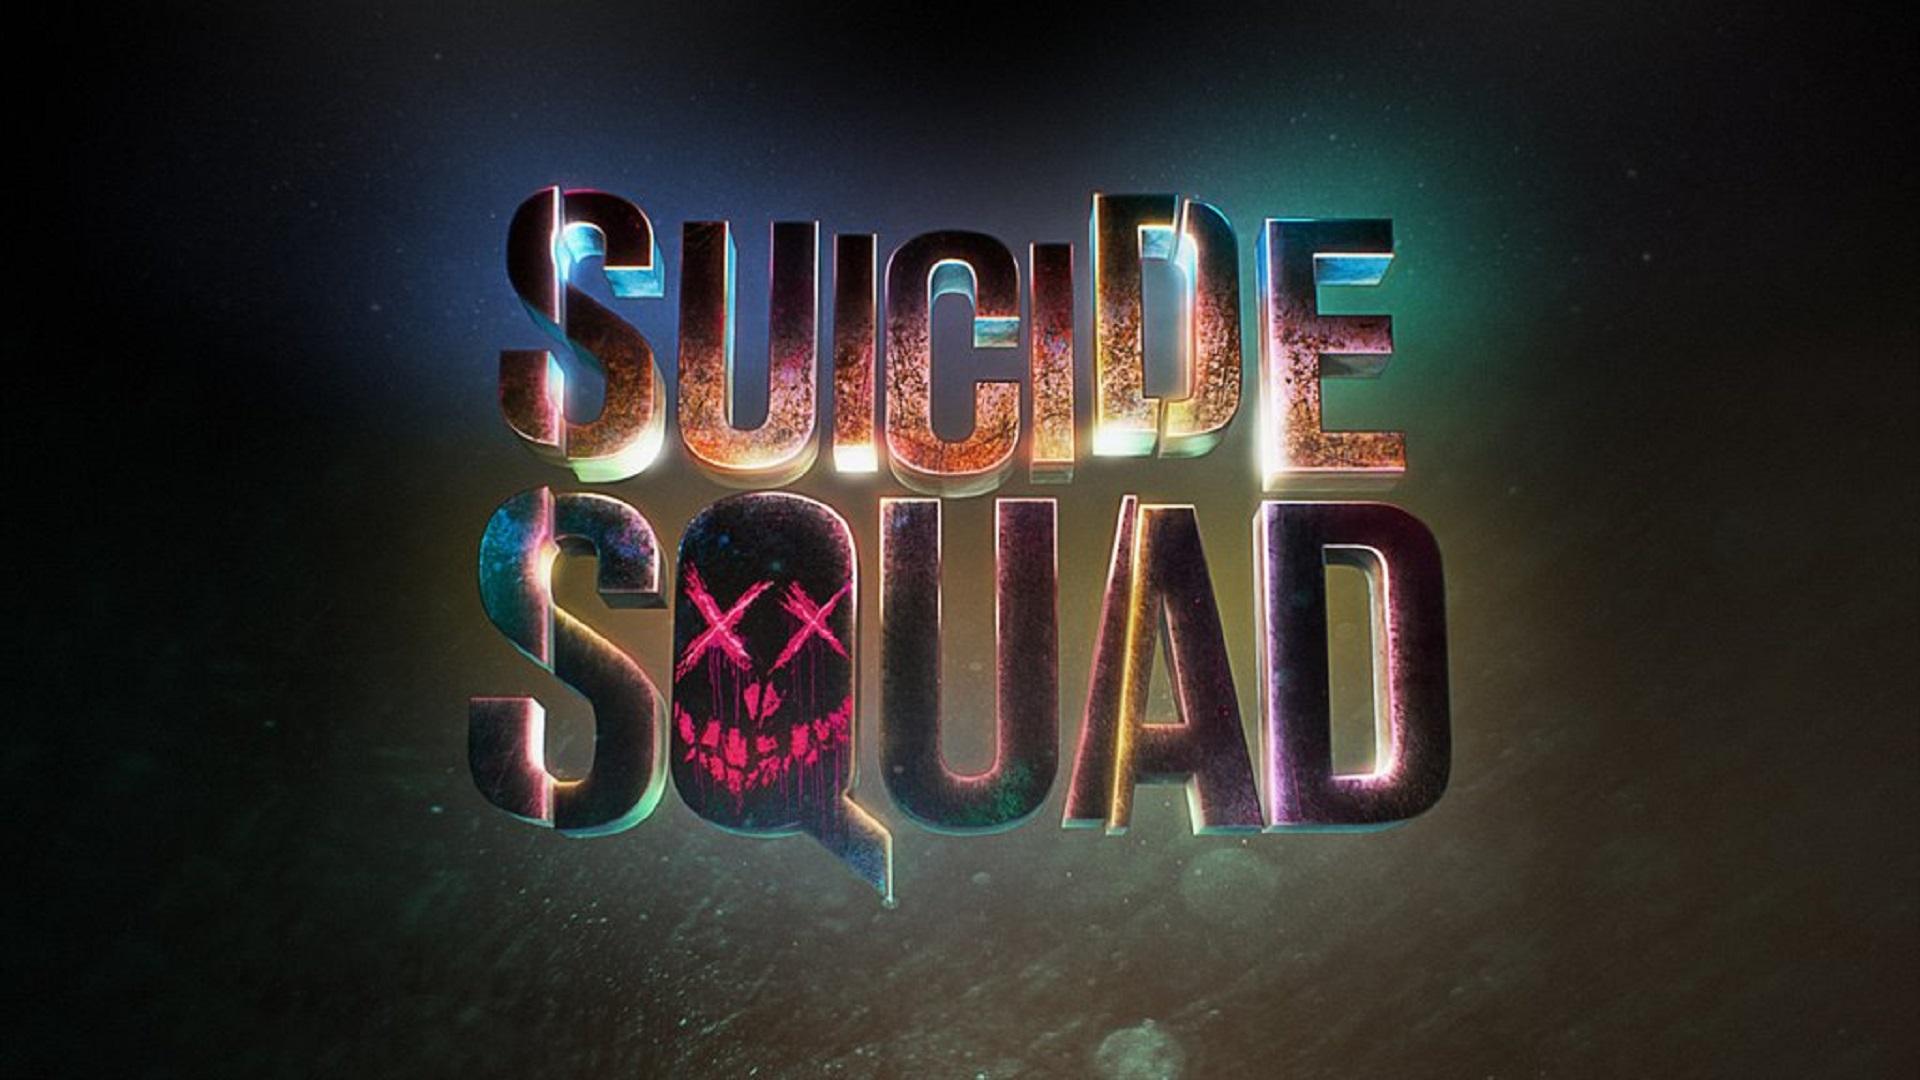 Suicide Squad Movie Inscription wallpaper HD desktop background 1920x1080